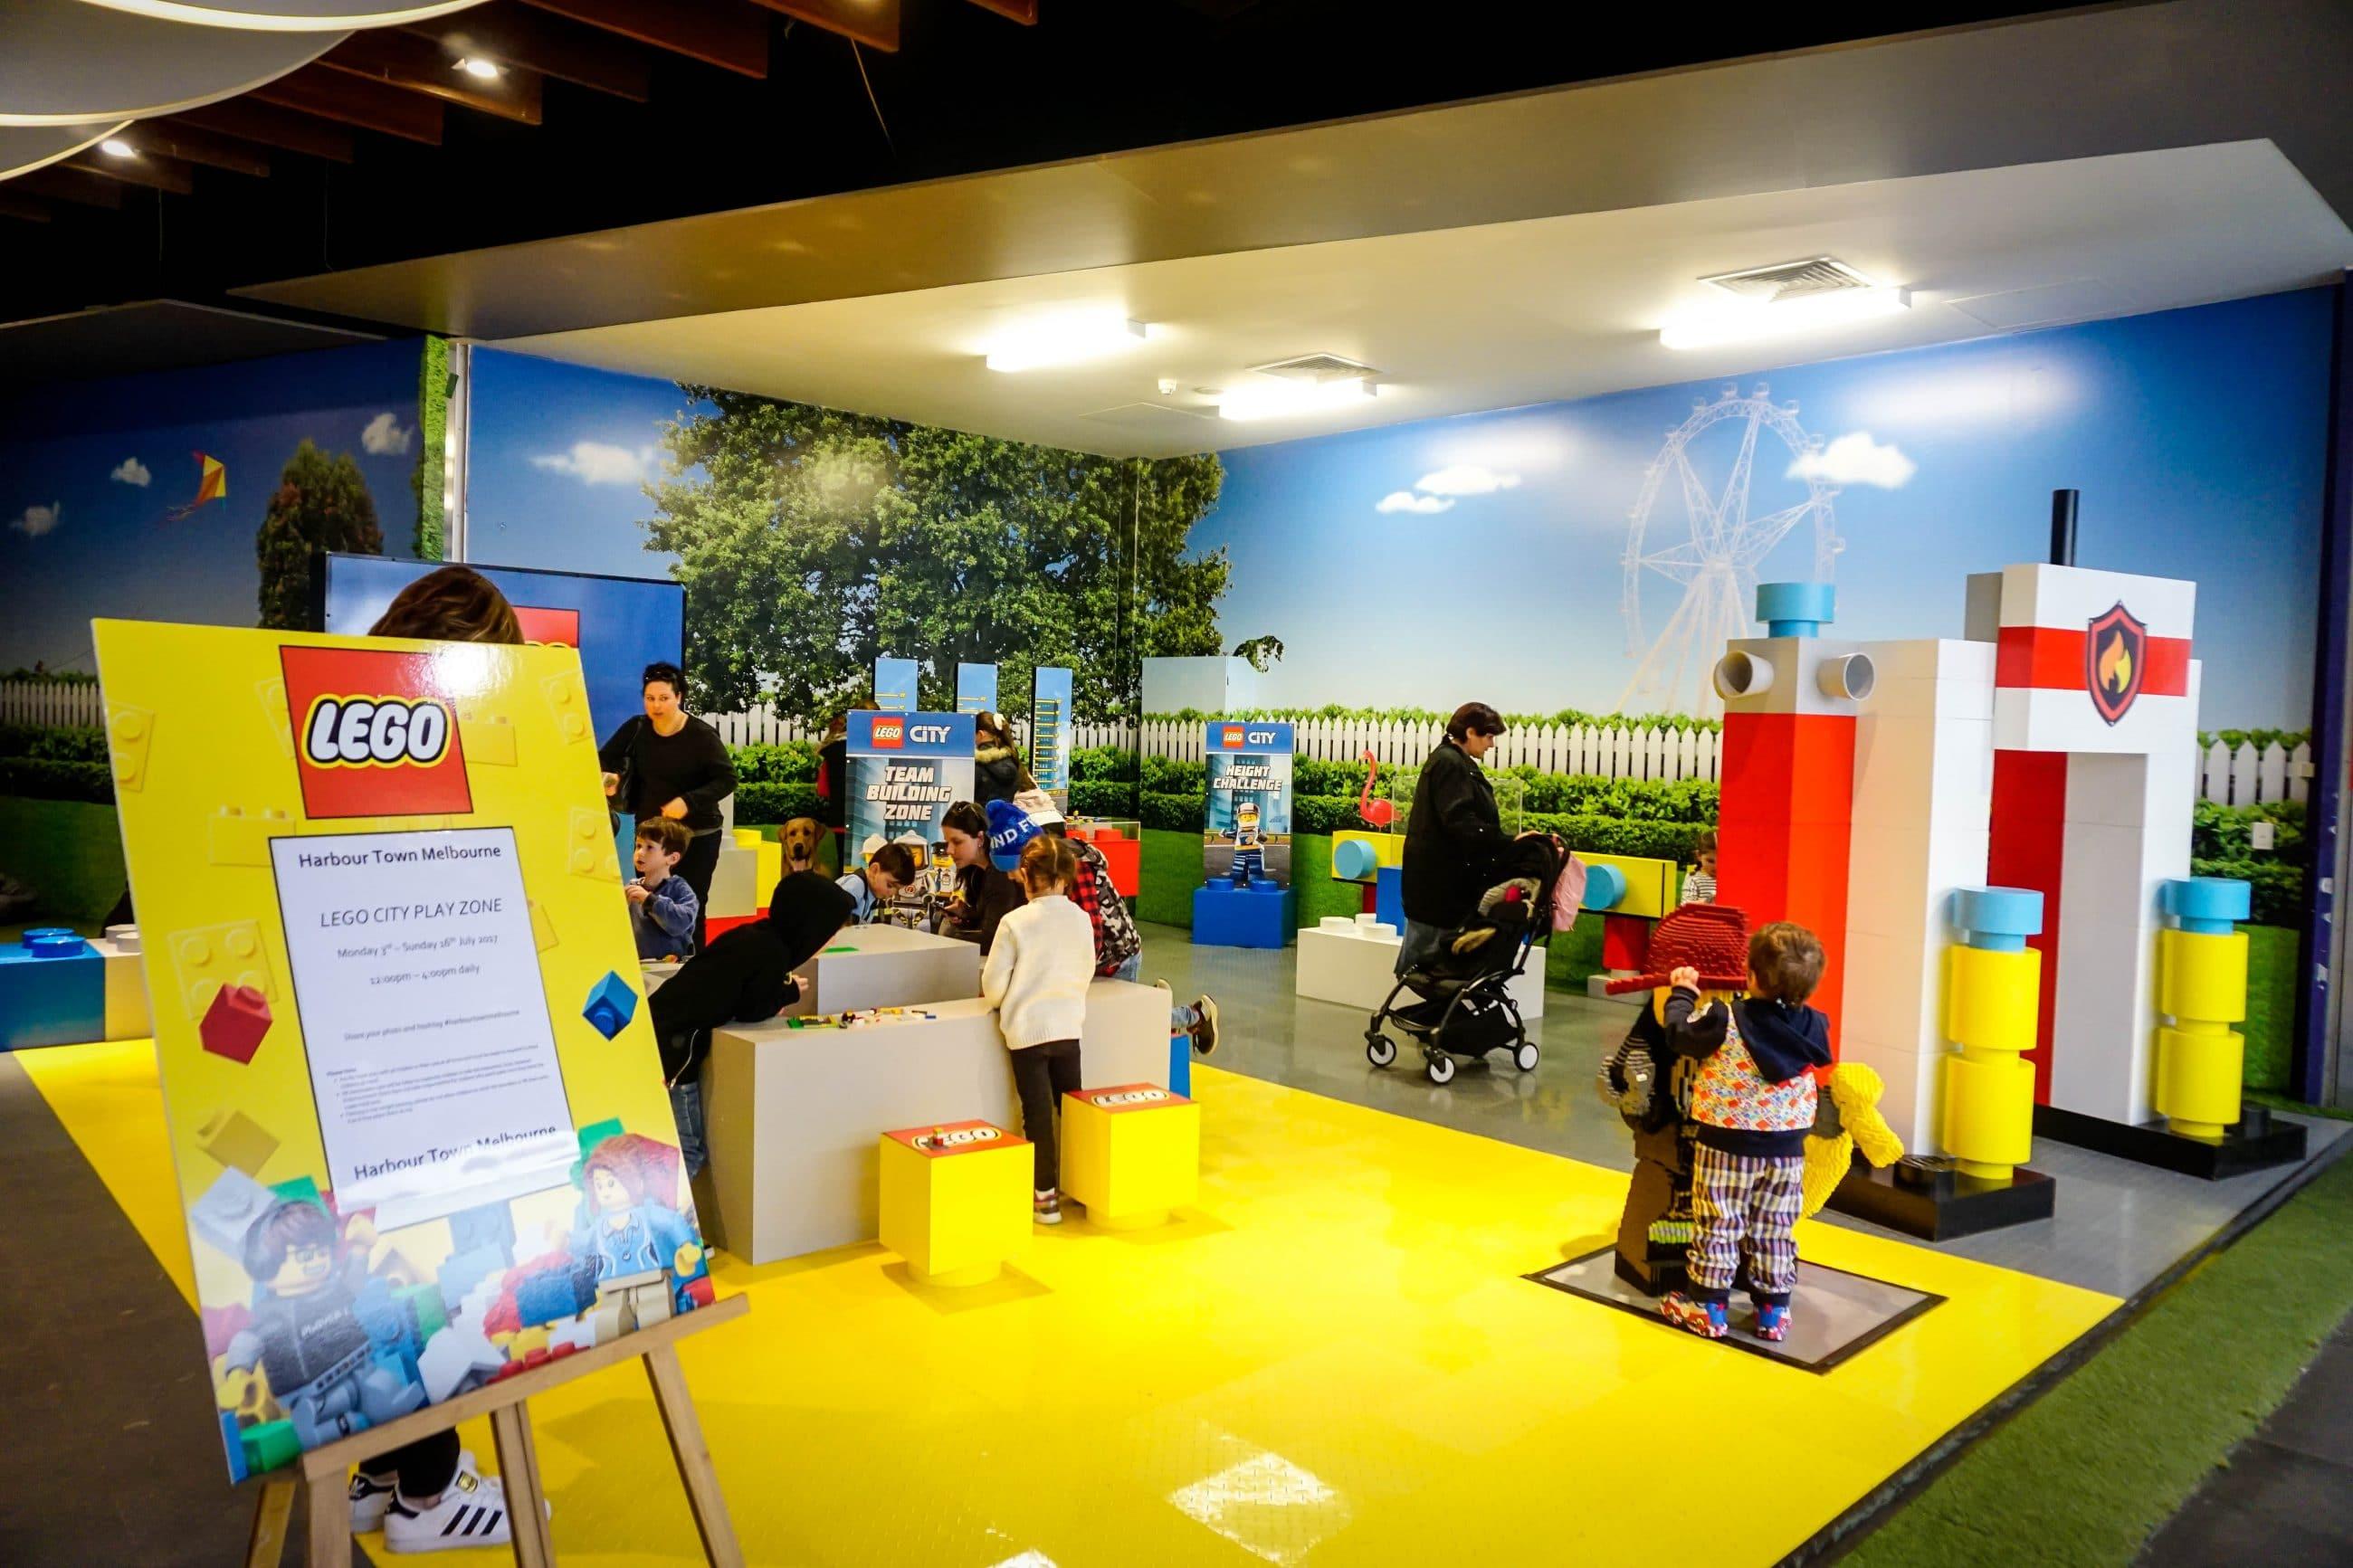 Lego Arcade Building